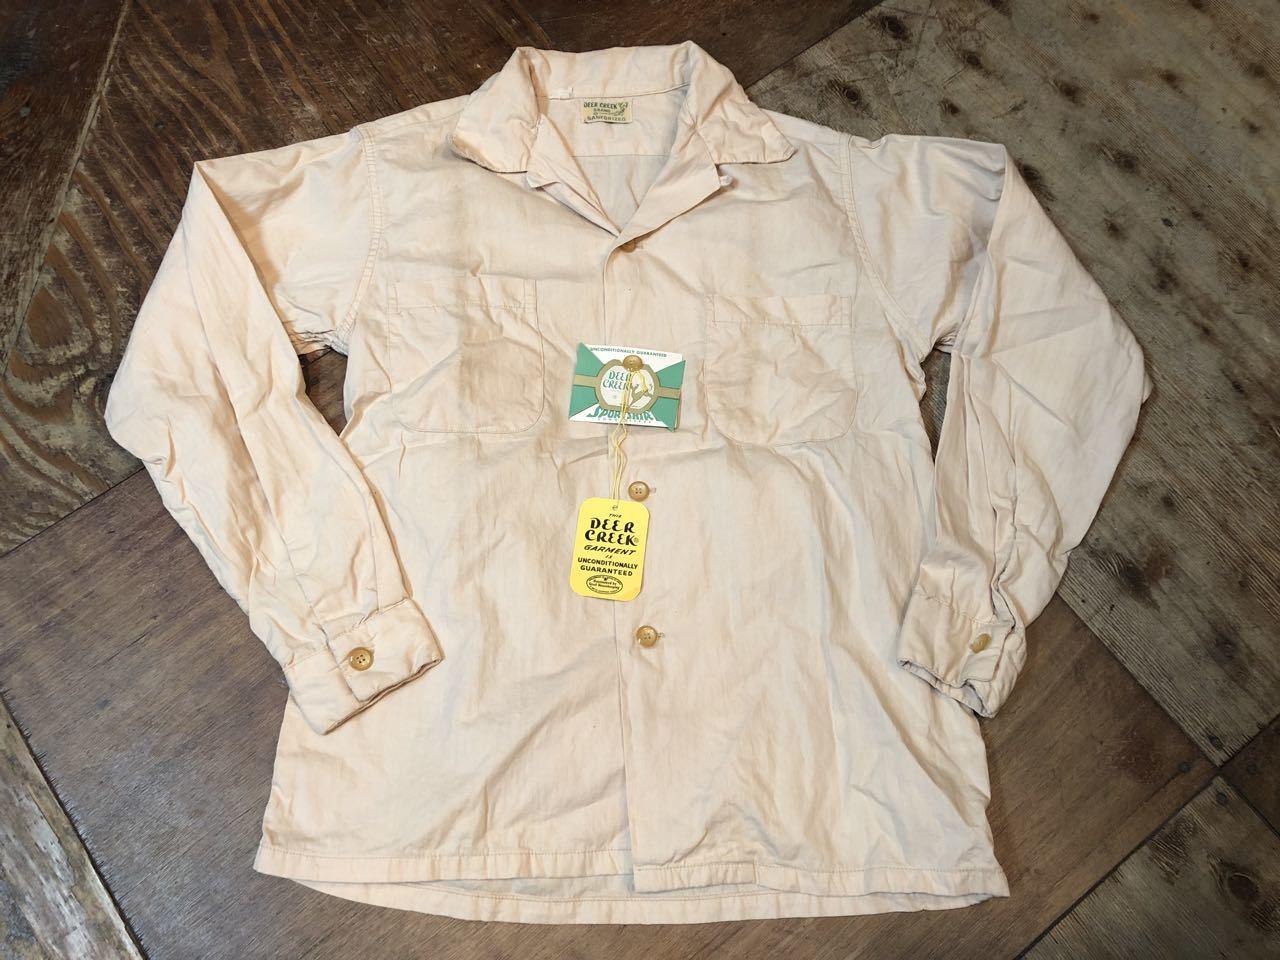 5月18日(土)入荷!50s ワンウォッシュ Deer Creek  all cotton ボックス 開襟シャツ!_c0144020_13291882.jpg